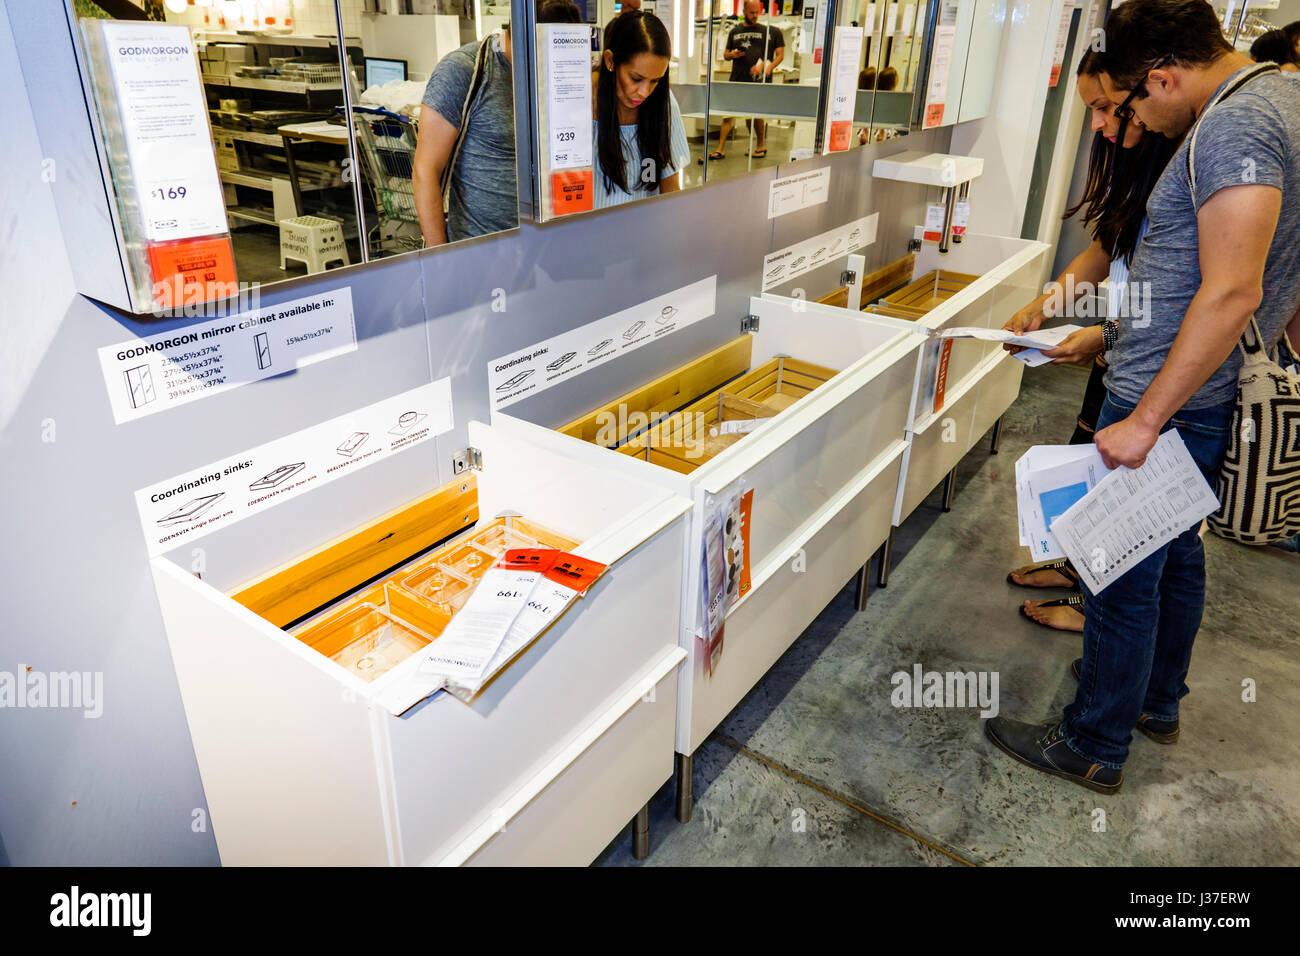 Miami Florida Ikea Store Retailer Furniture Home Accessories - Bathroom store miami